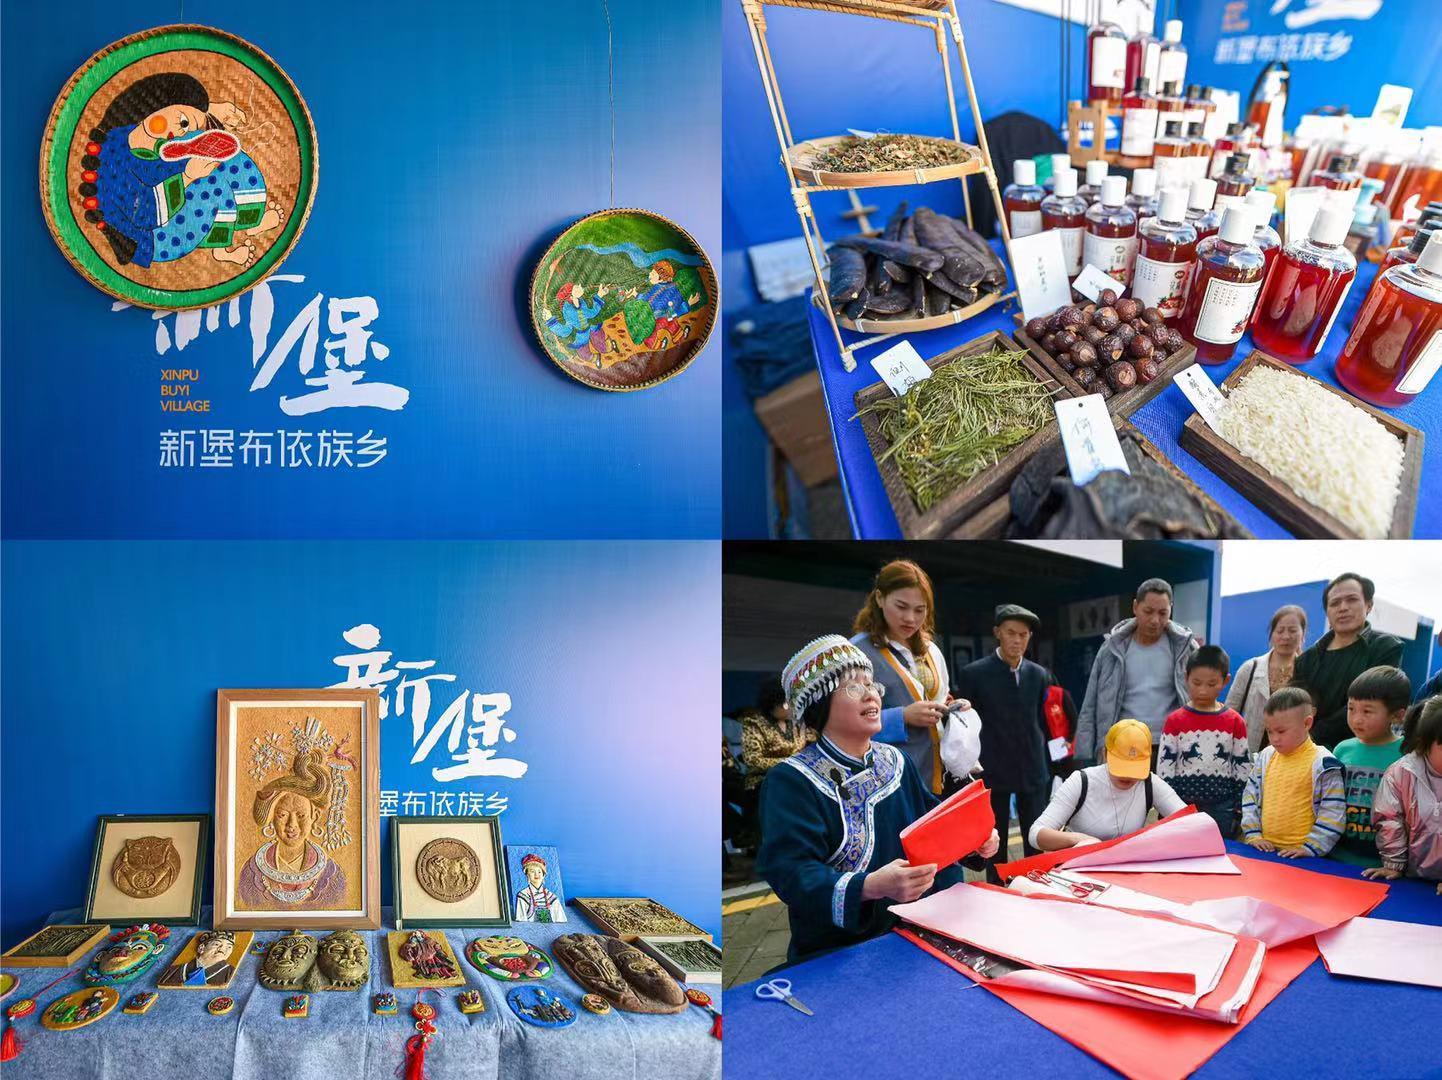 六百年历史布依古寨,新时代民俗映照党心